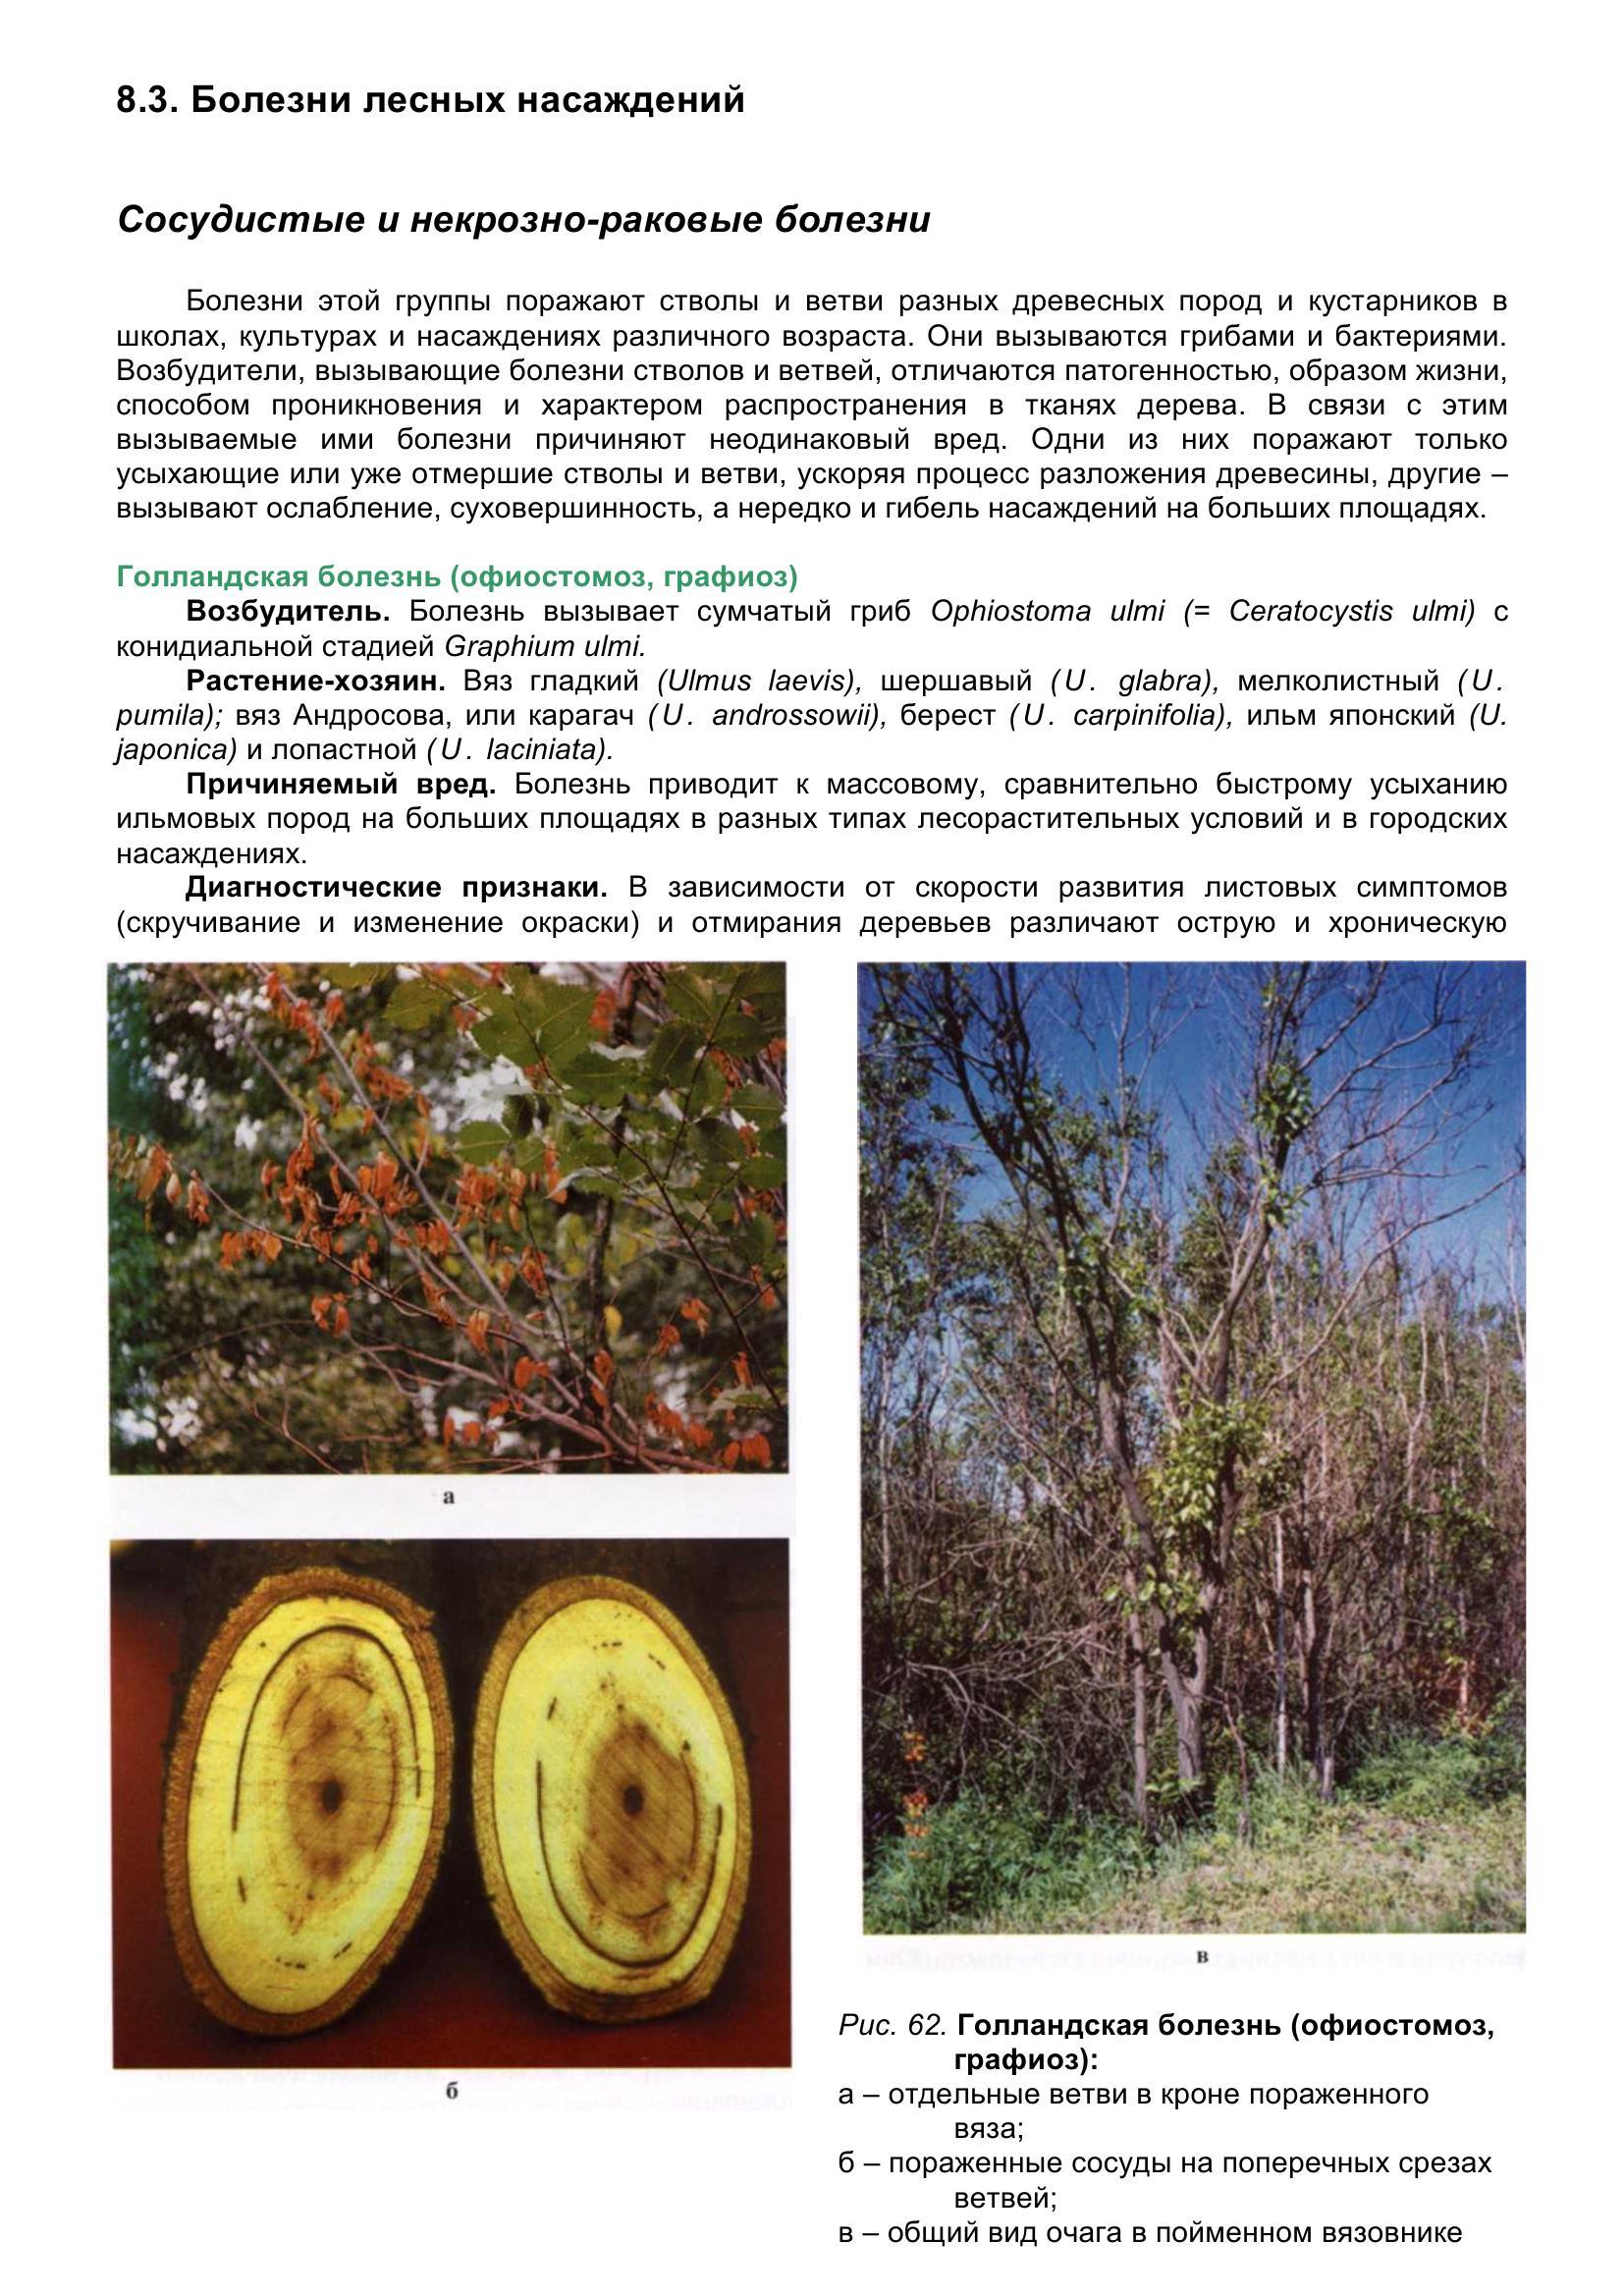 Болезни_древесных_растений_072.jpg